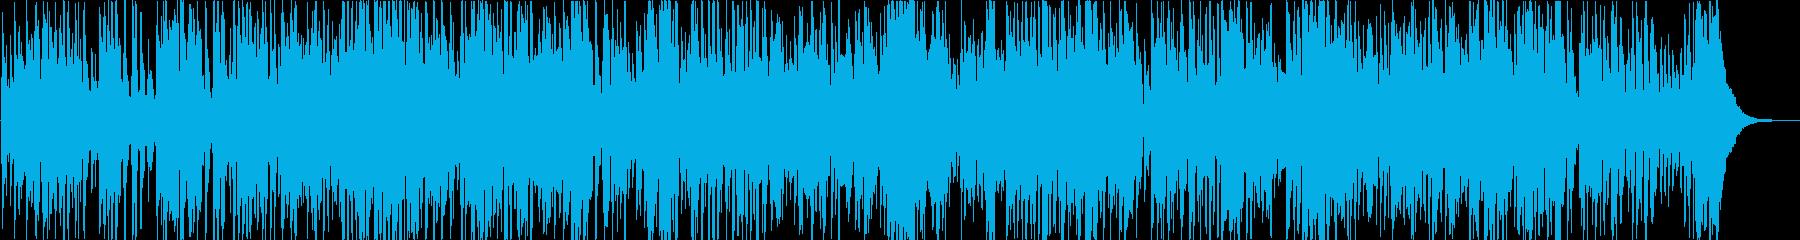 懐かしのジプシージャズの再生済みの波形